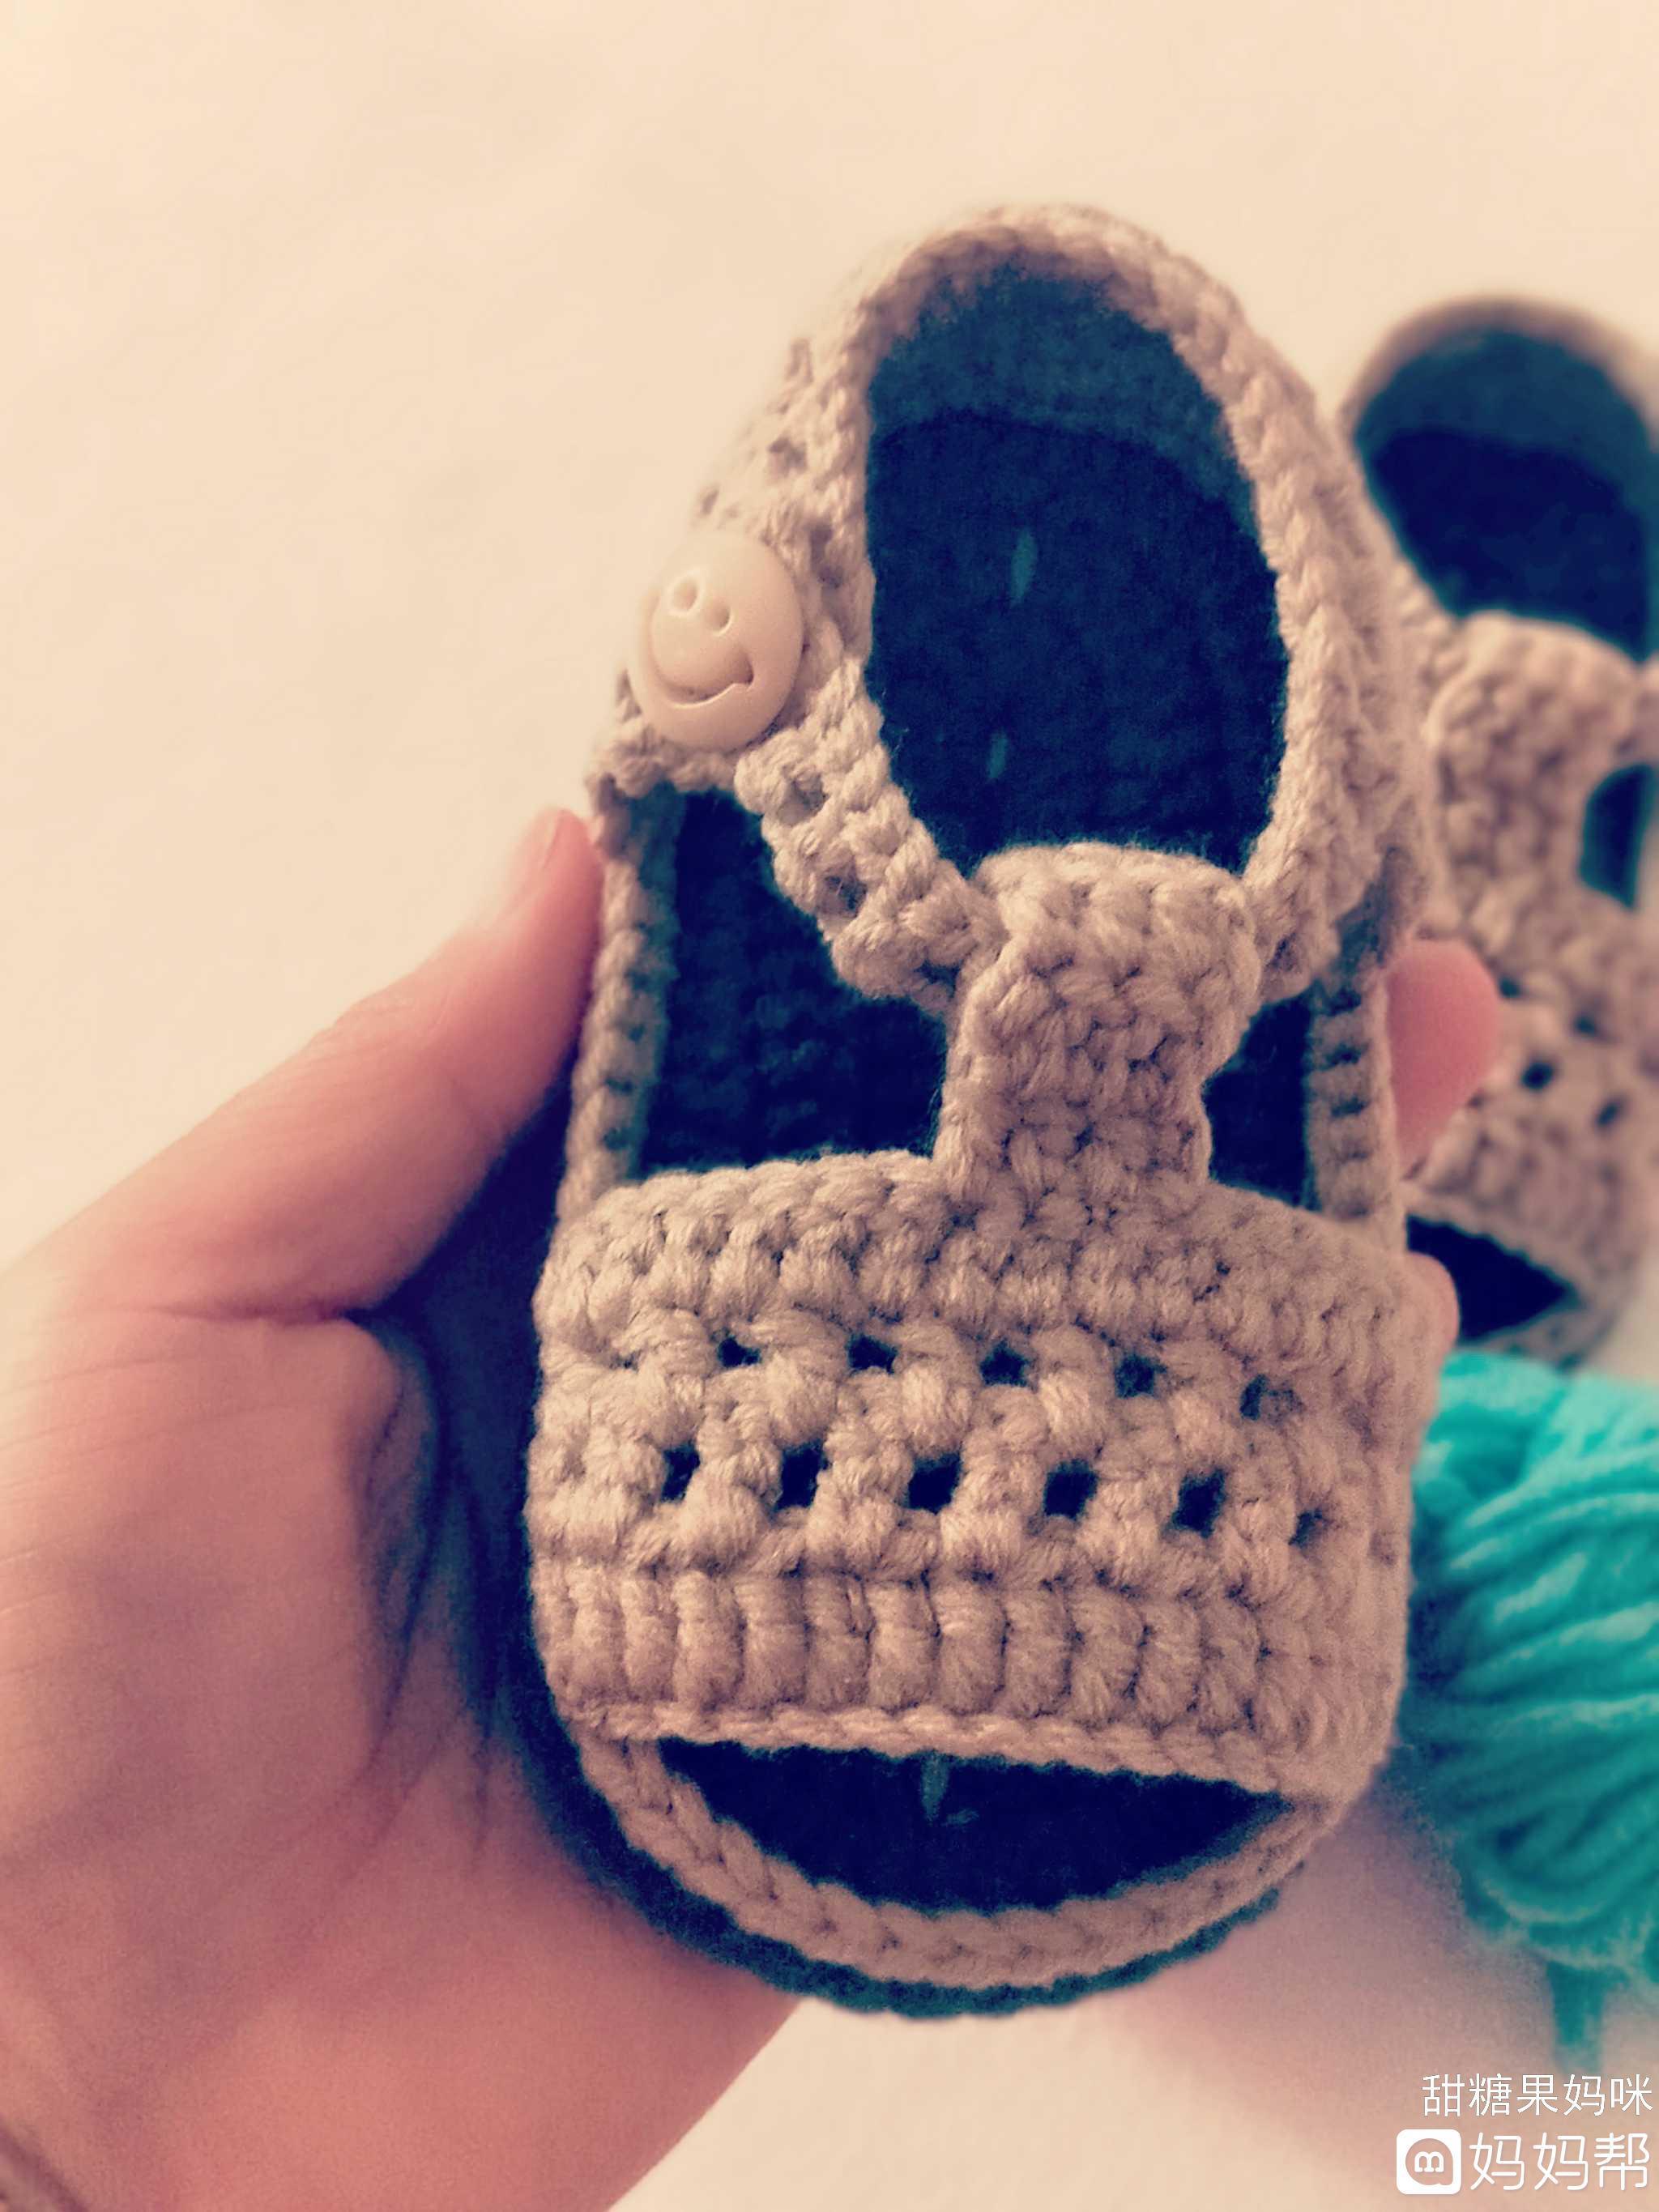 手工钩织龙凤胎宝宝鞋